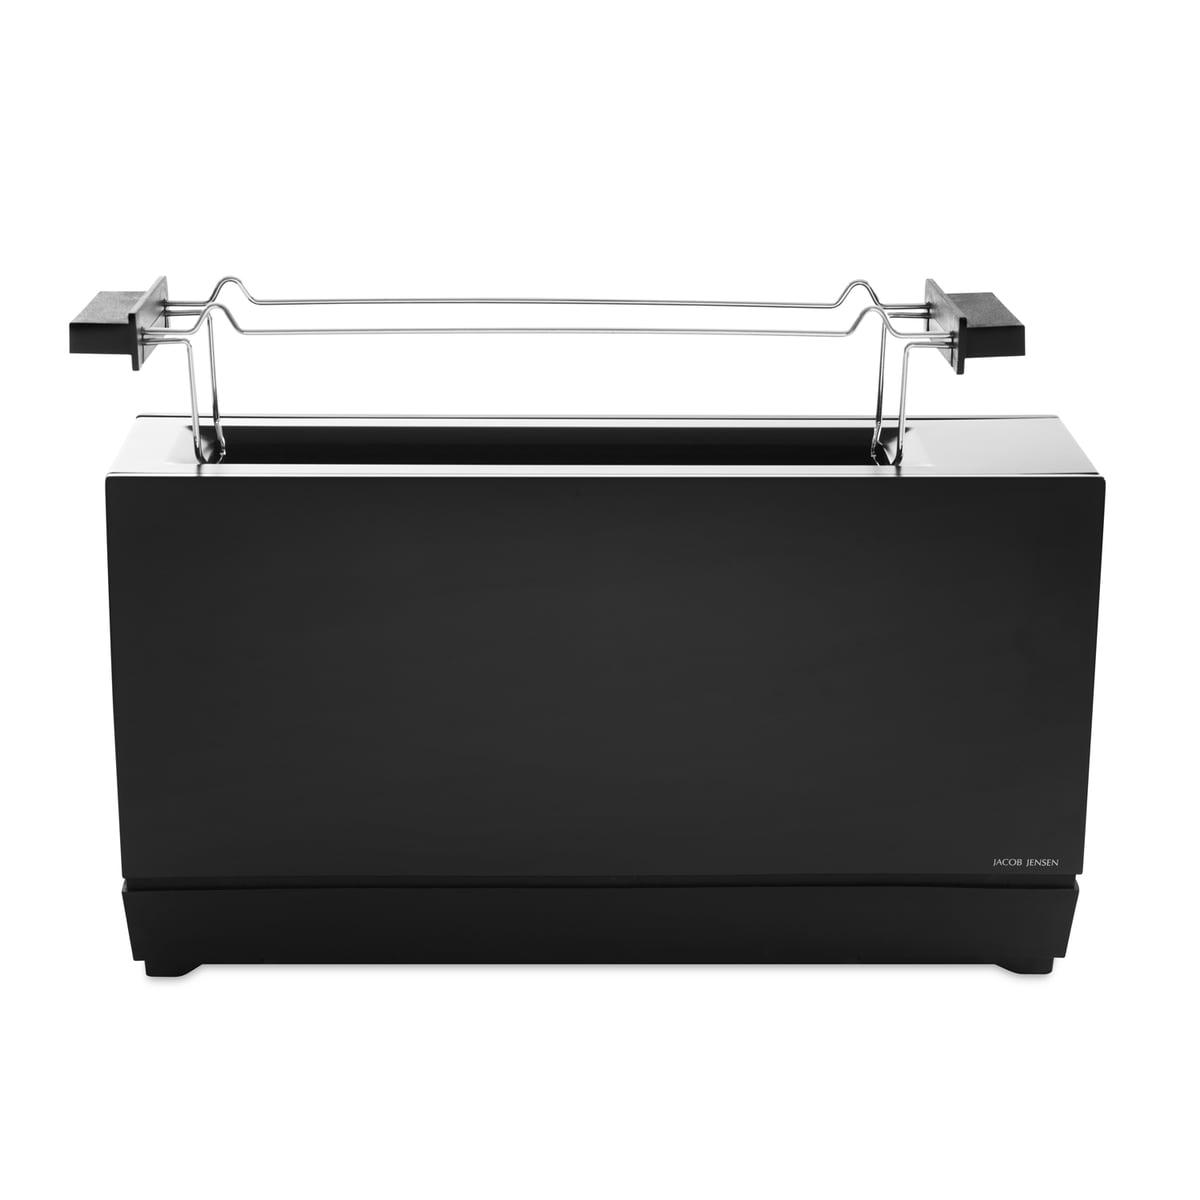 Jacob Jensen - One Slot Toaster II, schwarz | Küche und Esszimmer > Küchengeräte | Schwarz | Edelstahl | Jacob Jensen